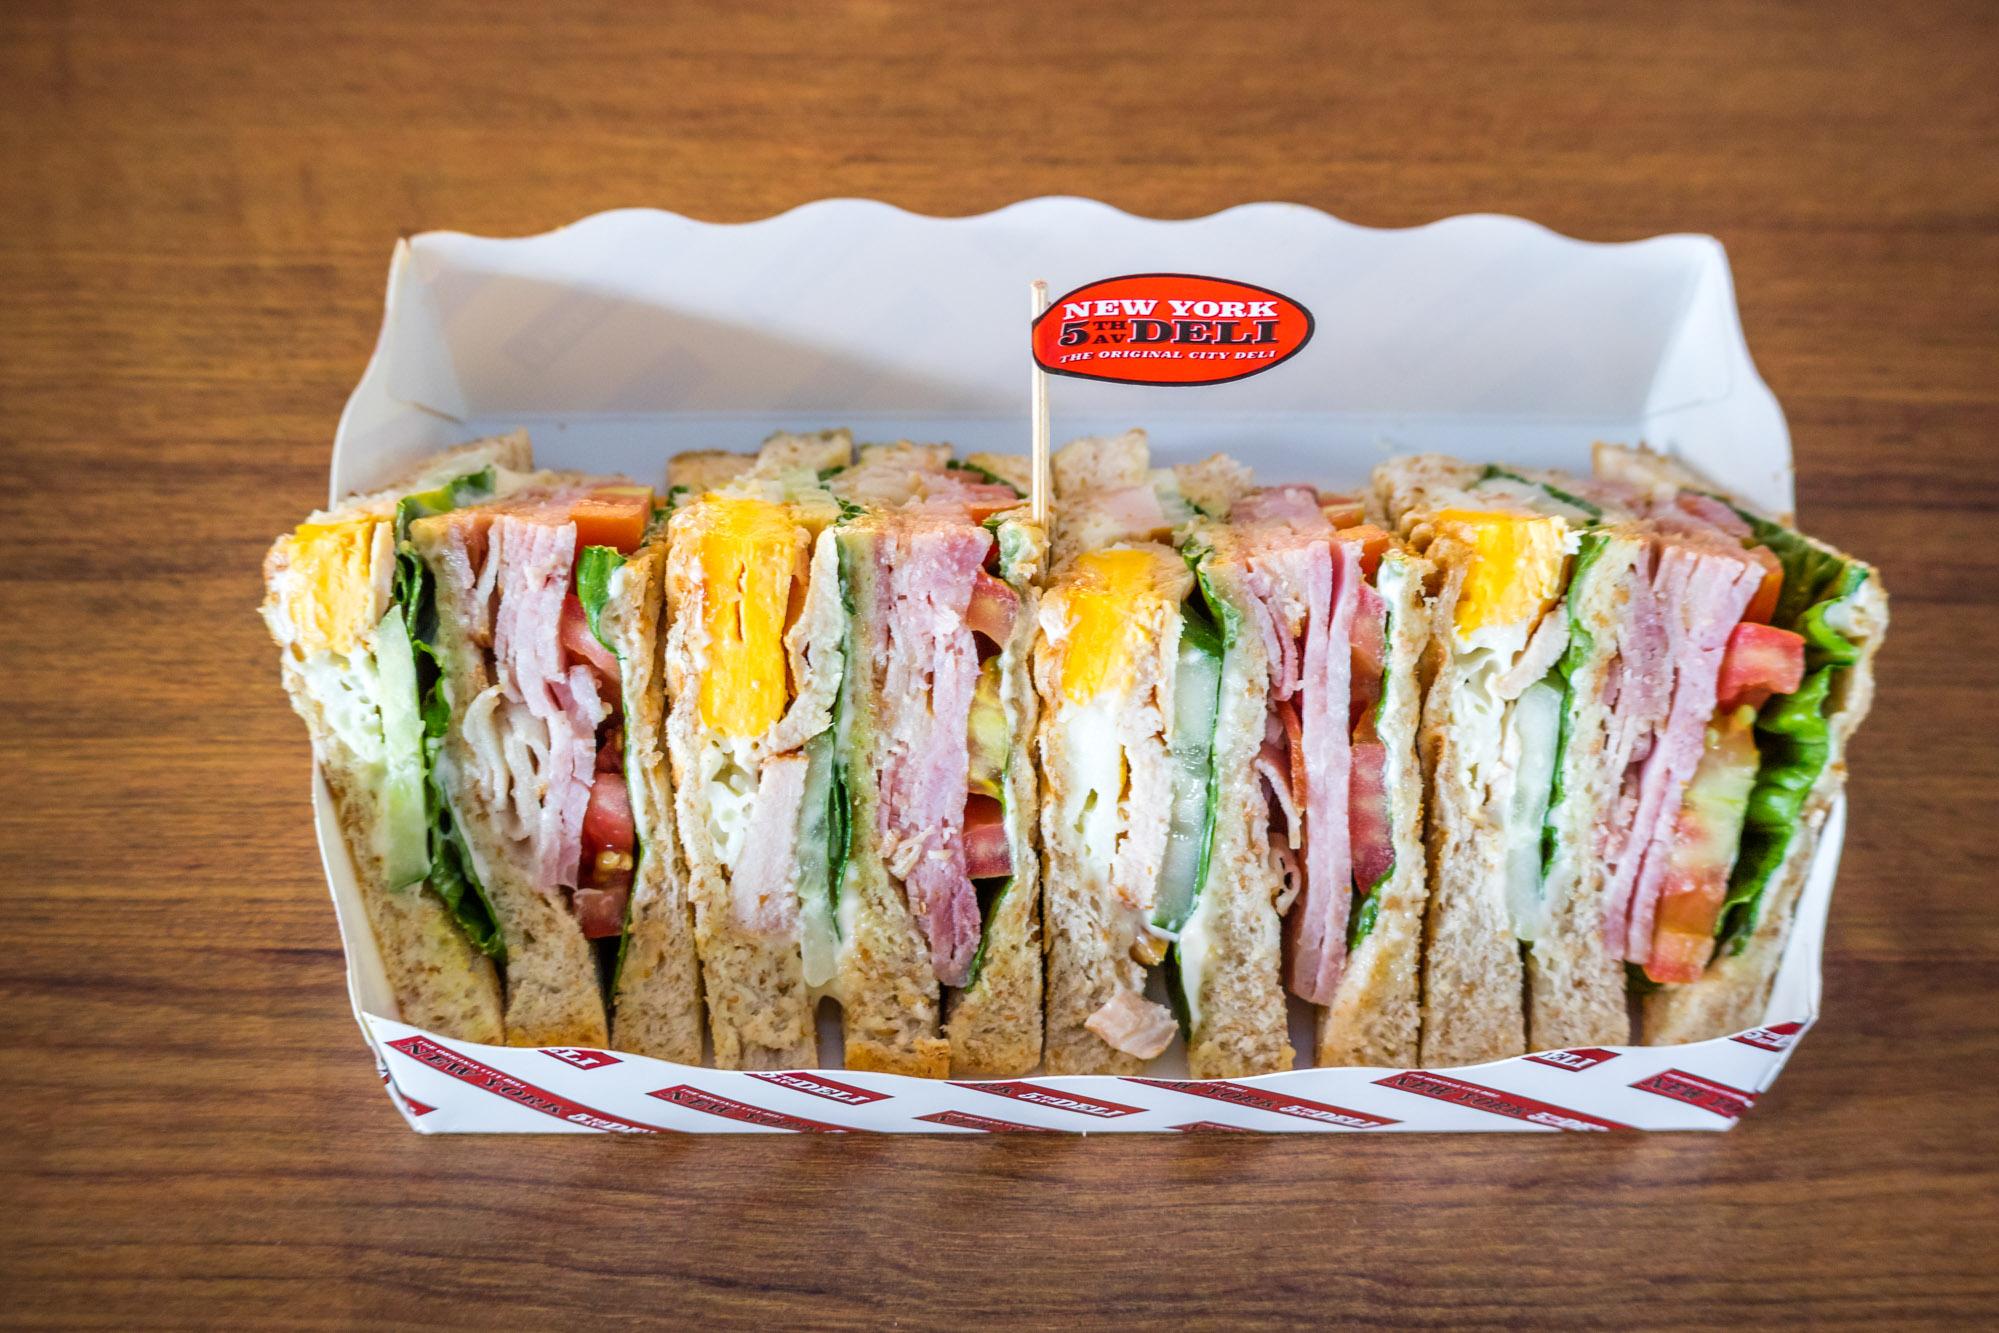 NYD Club Sandwich  ร้านอาหารแนะนำ ในอาคารผู้โดยสารขาออกระหว่างประเทศ ท่าอากาศยานภูเก็ต IMG 8289